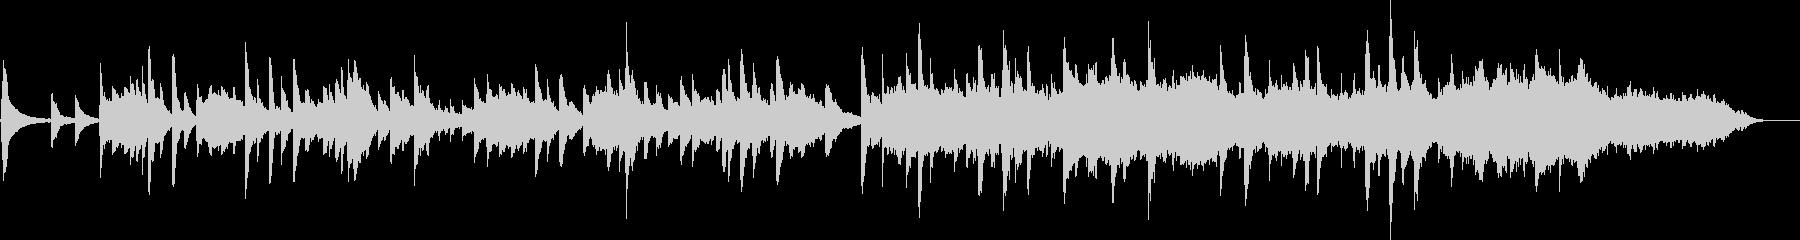 優しいアコギの奏の未再生の波形